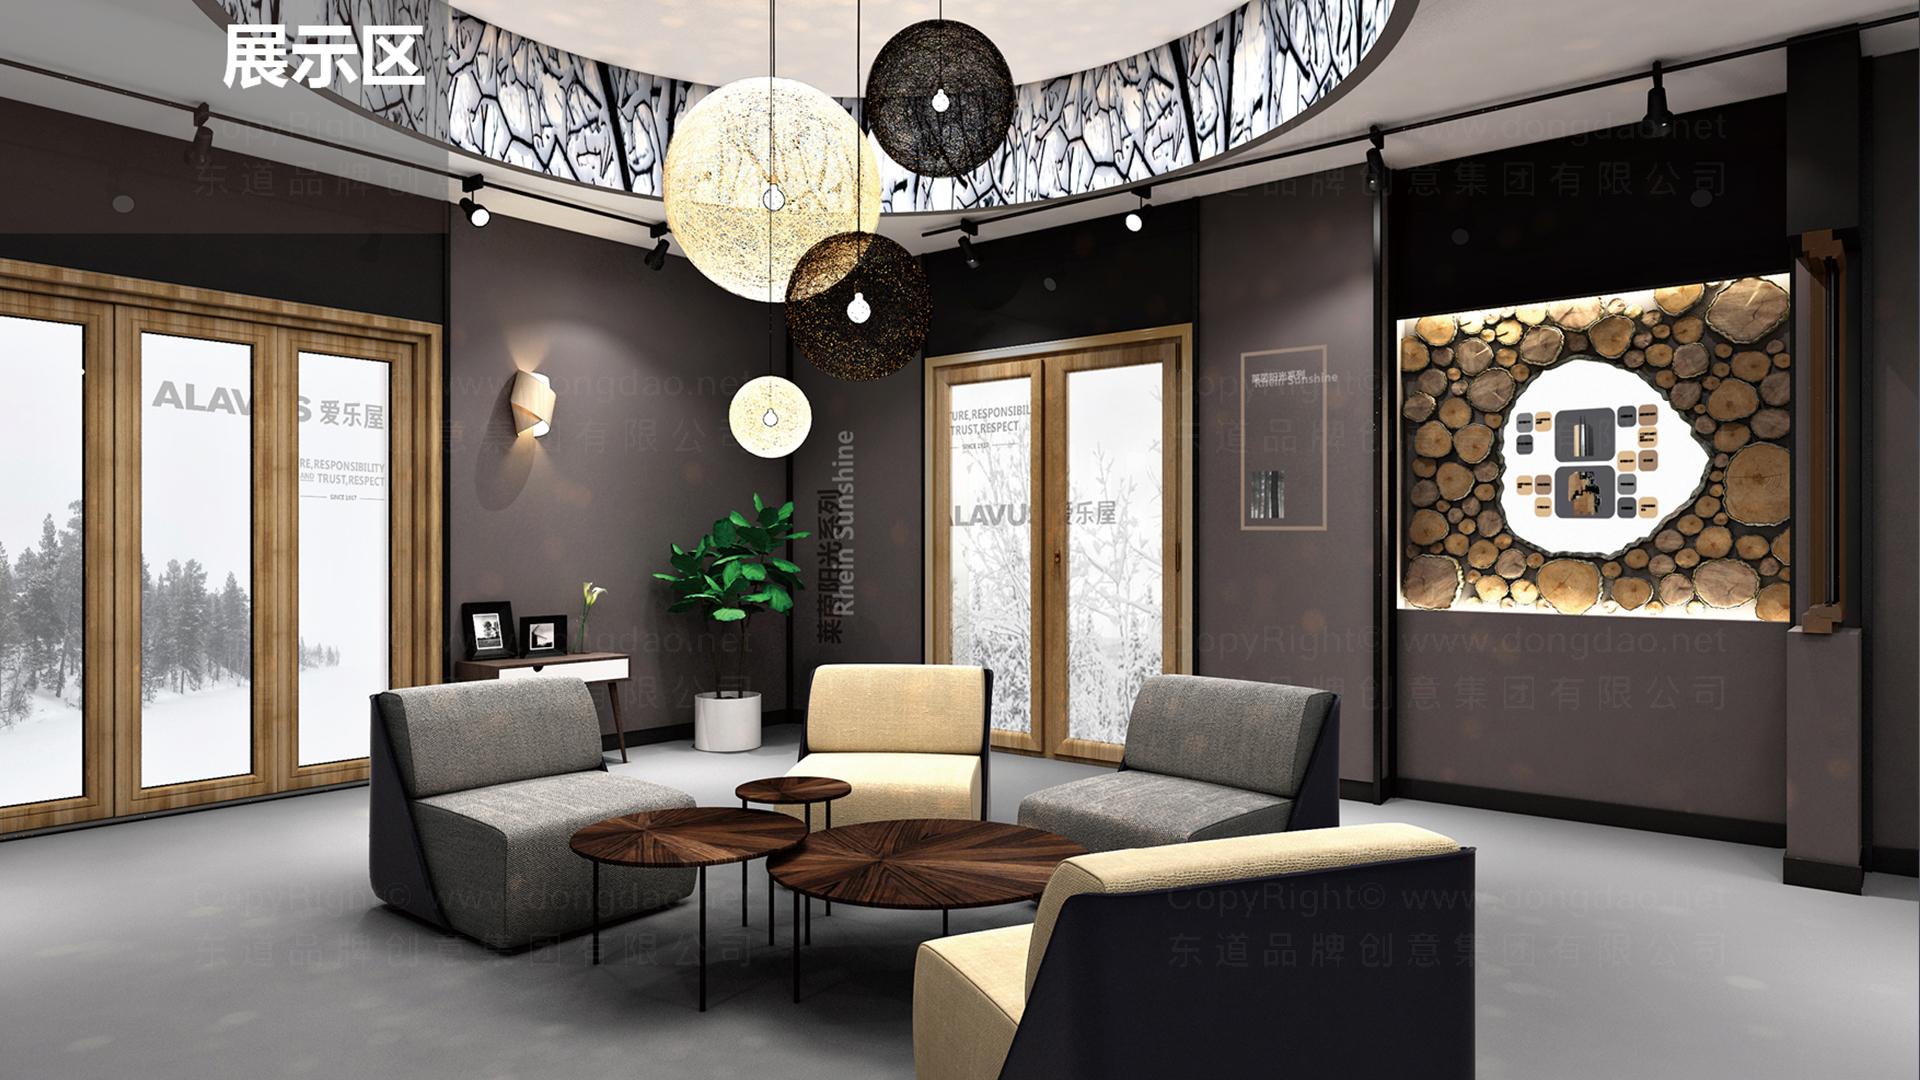 旅游生活商业空间&导示天坛家具爱乐屋SI专卖店